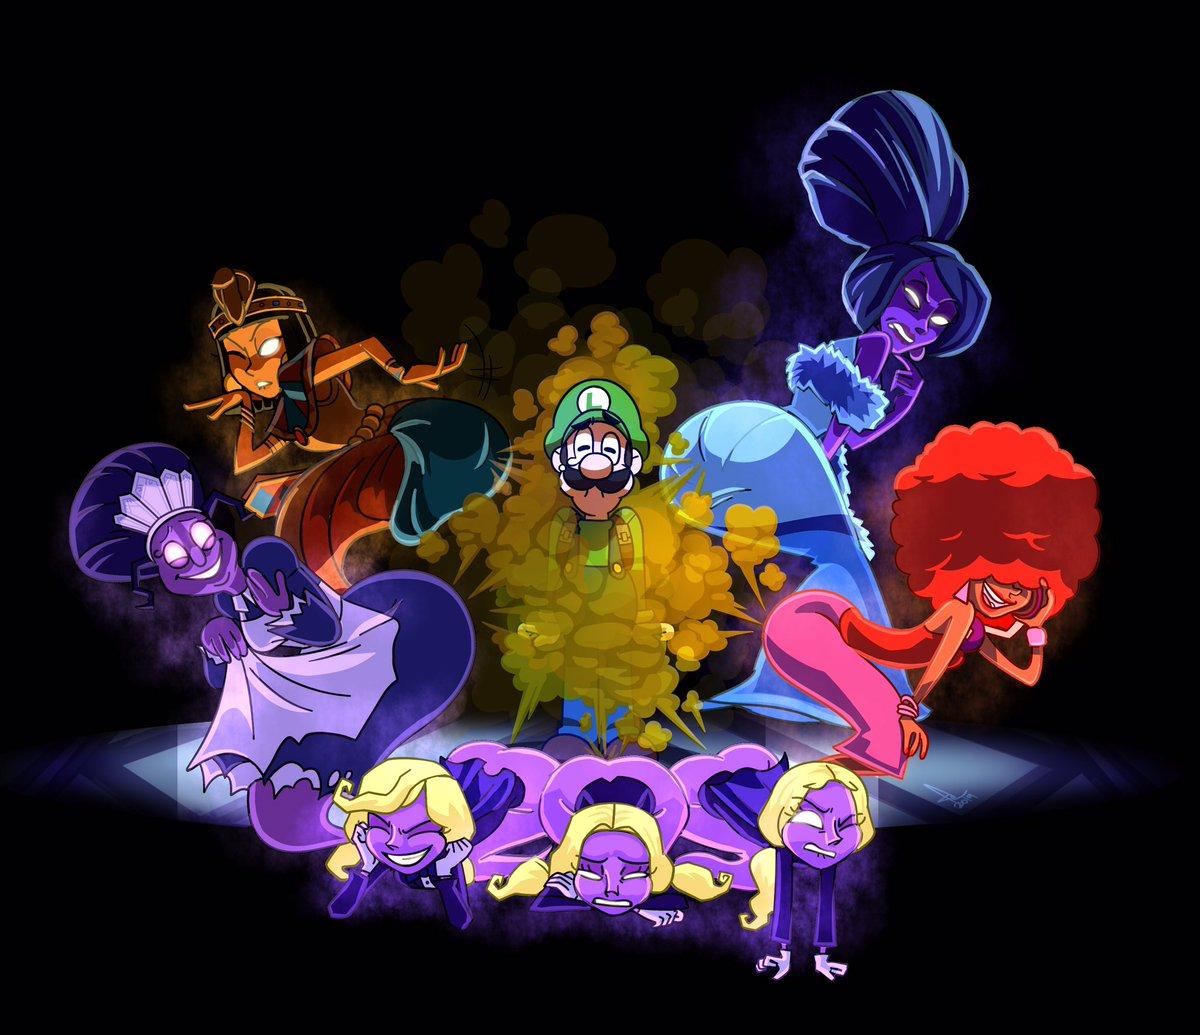 @TenuousOddity So Uh Luigi's Mansion 3 Is Pretty Fantastic